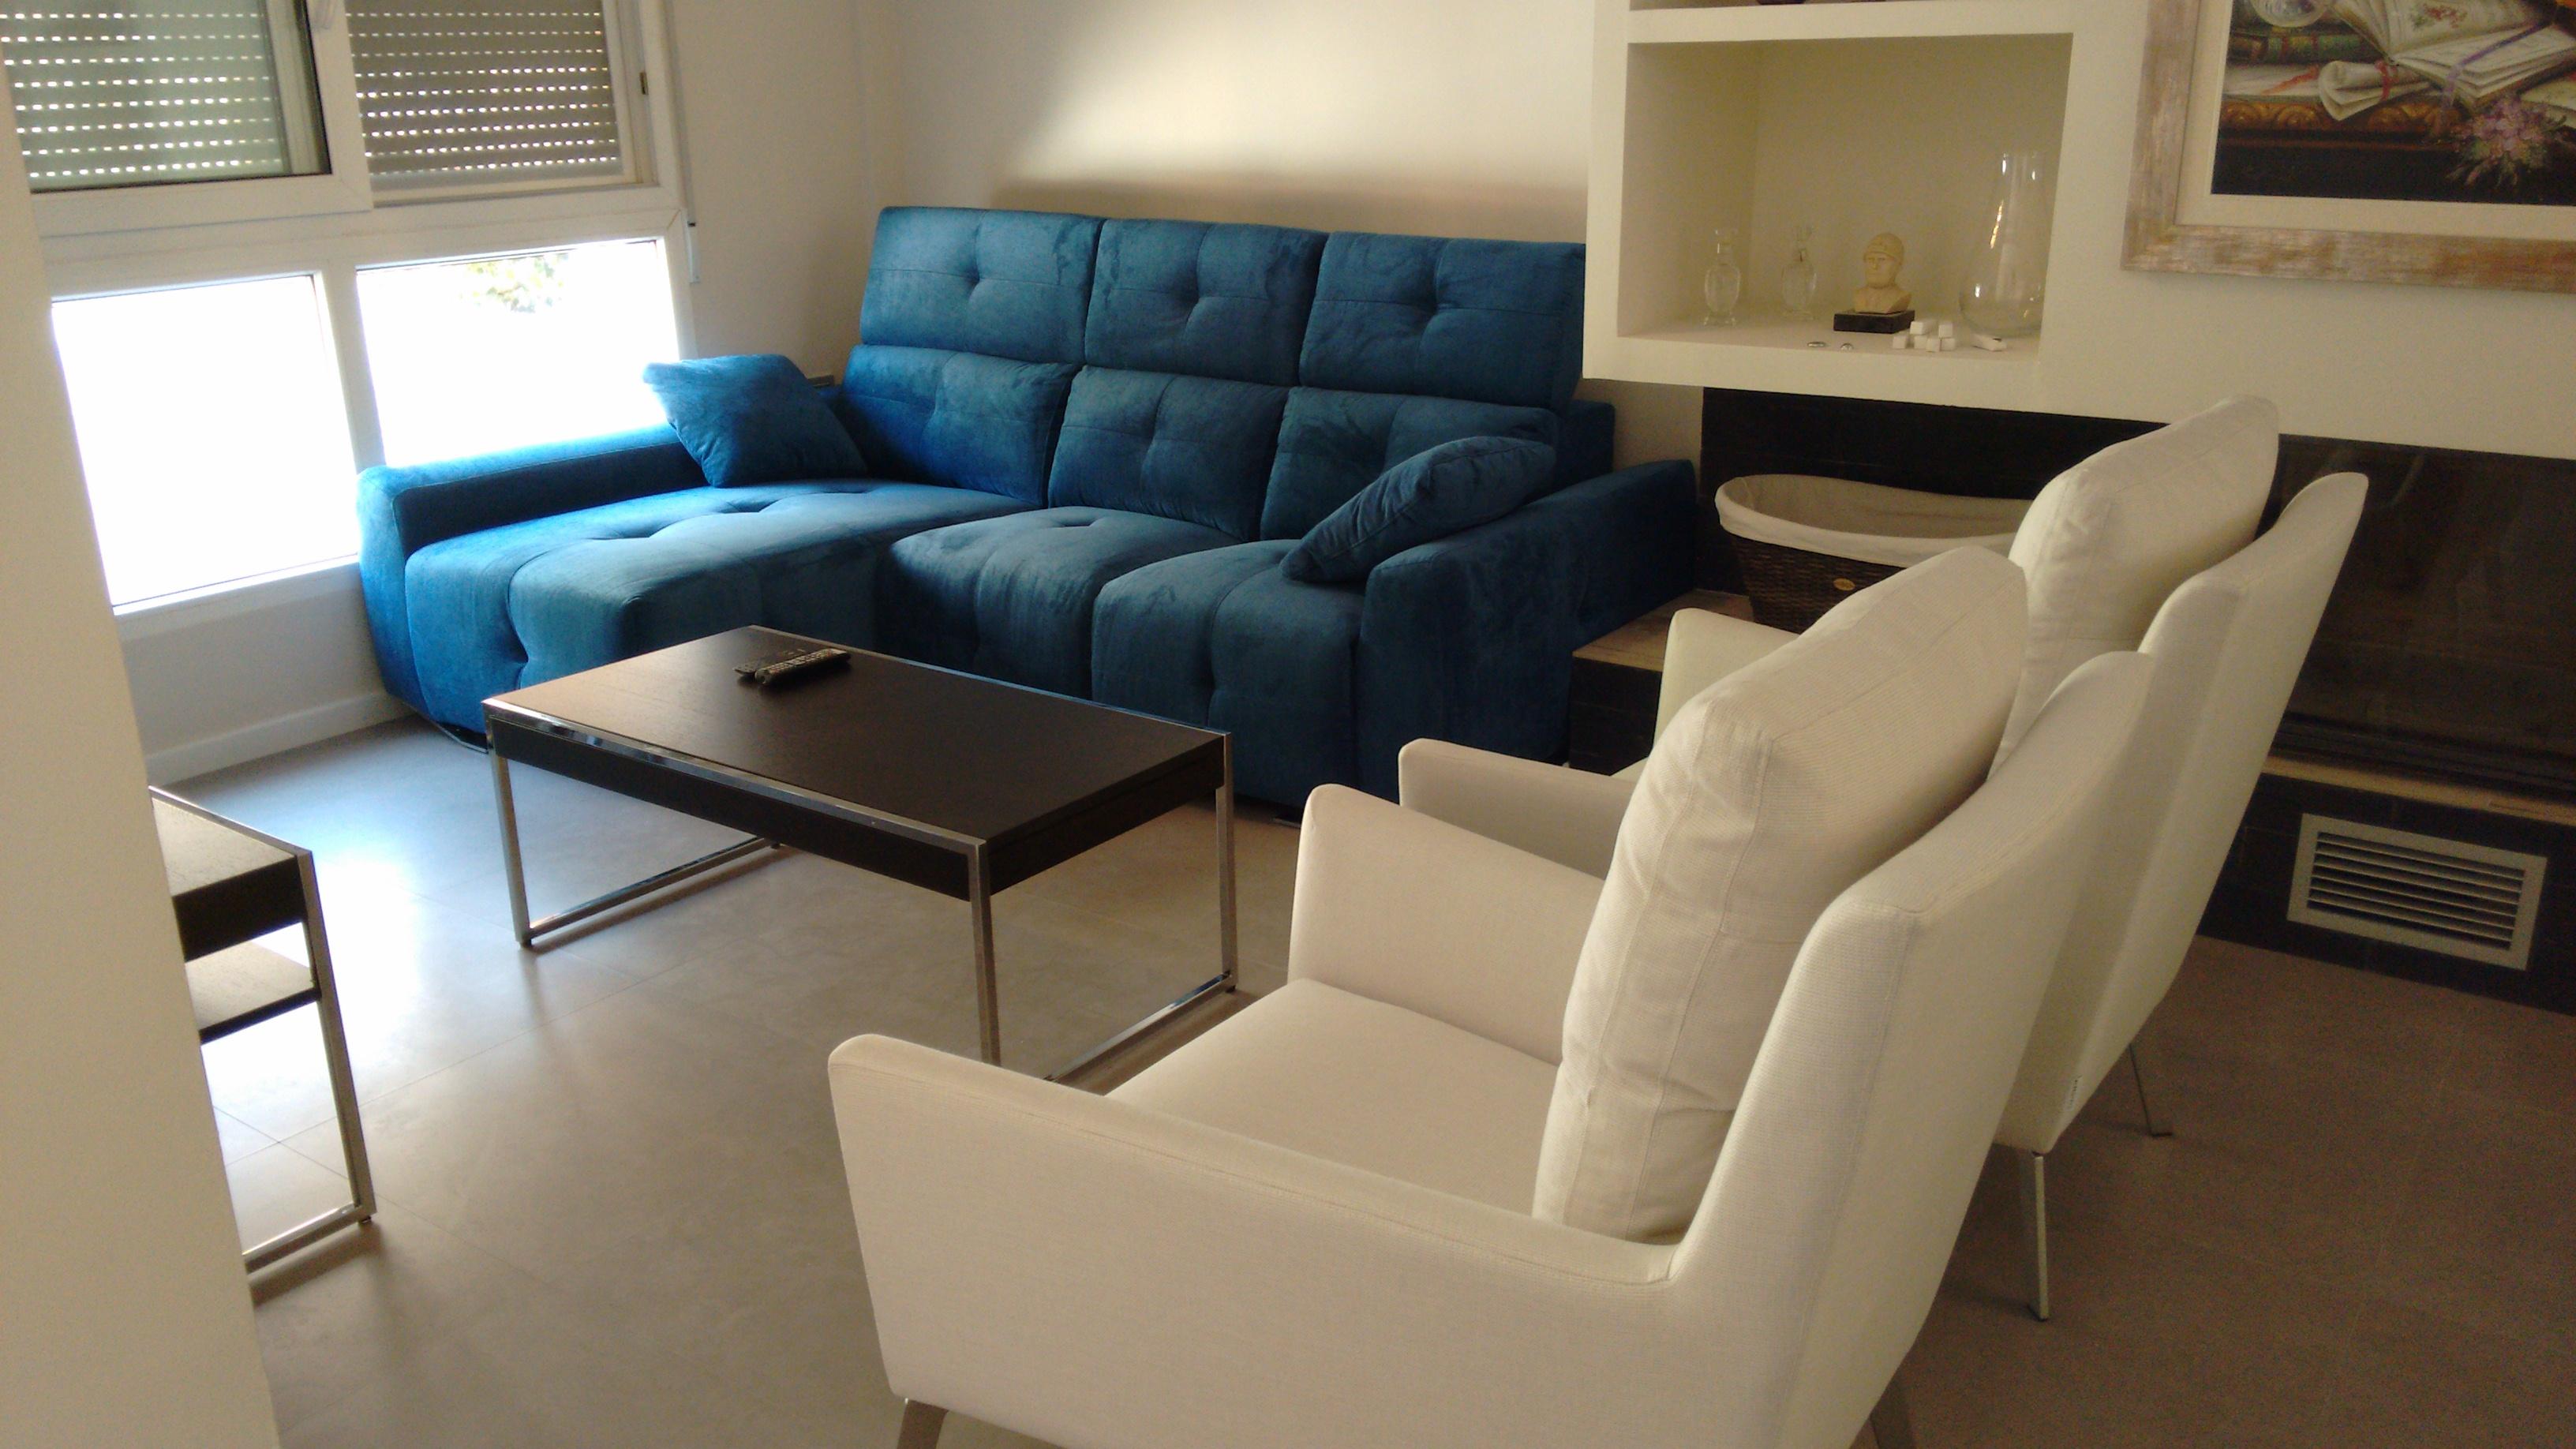 Tiendas de sofás en Murcia_Interioristas en Murcia y Alicante